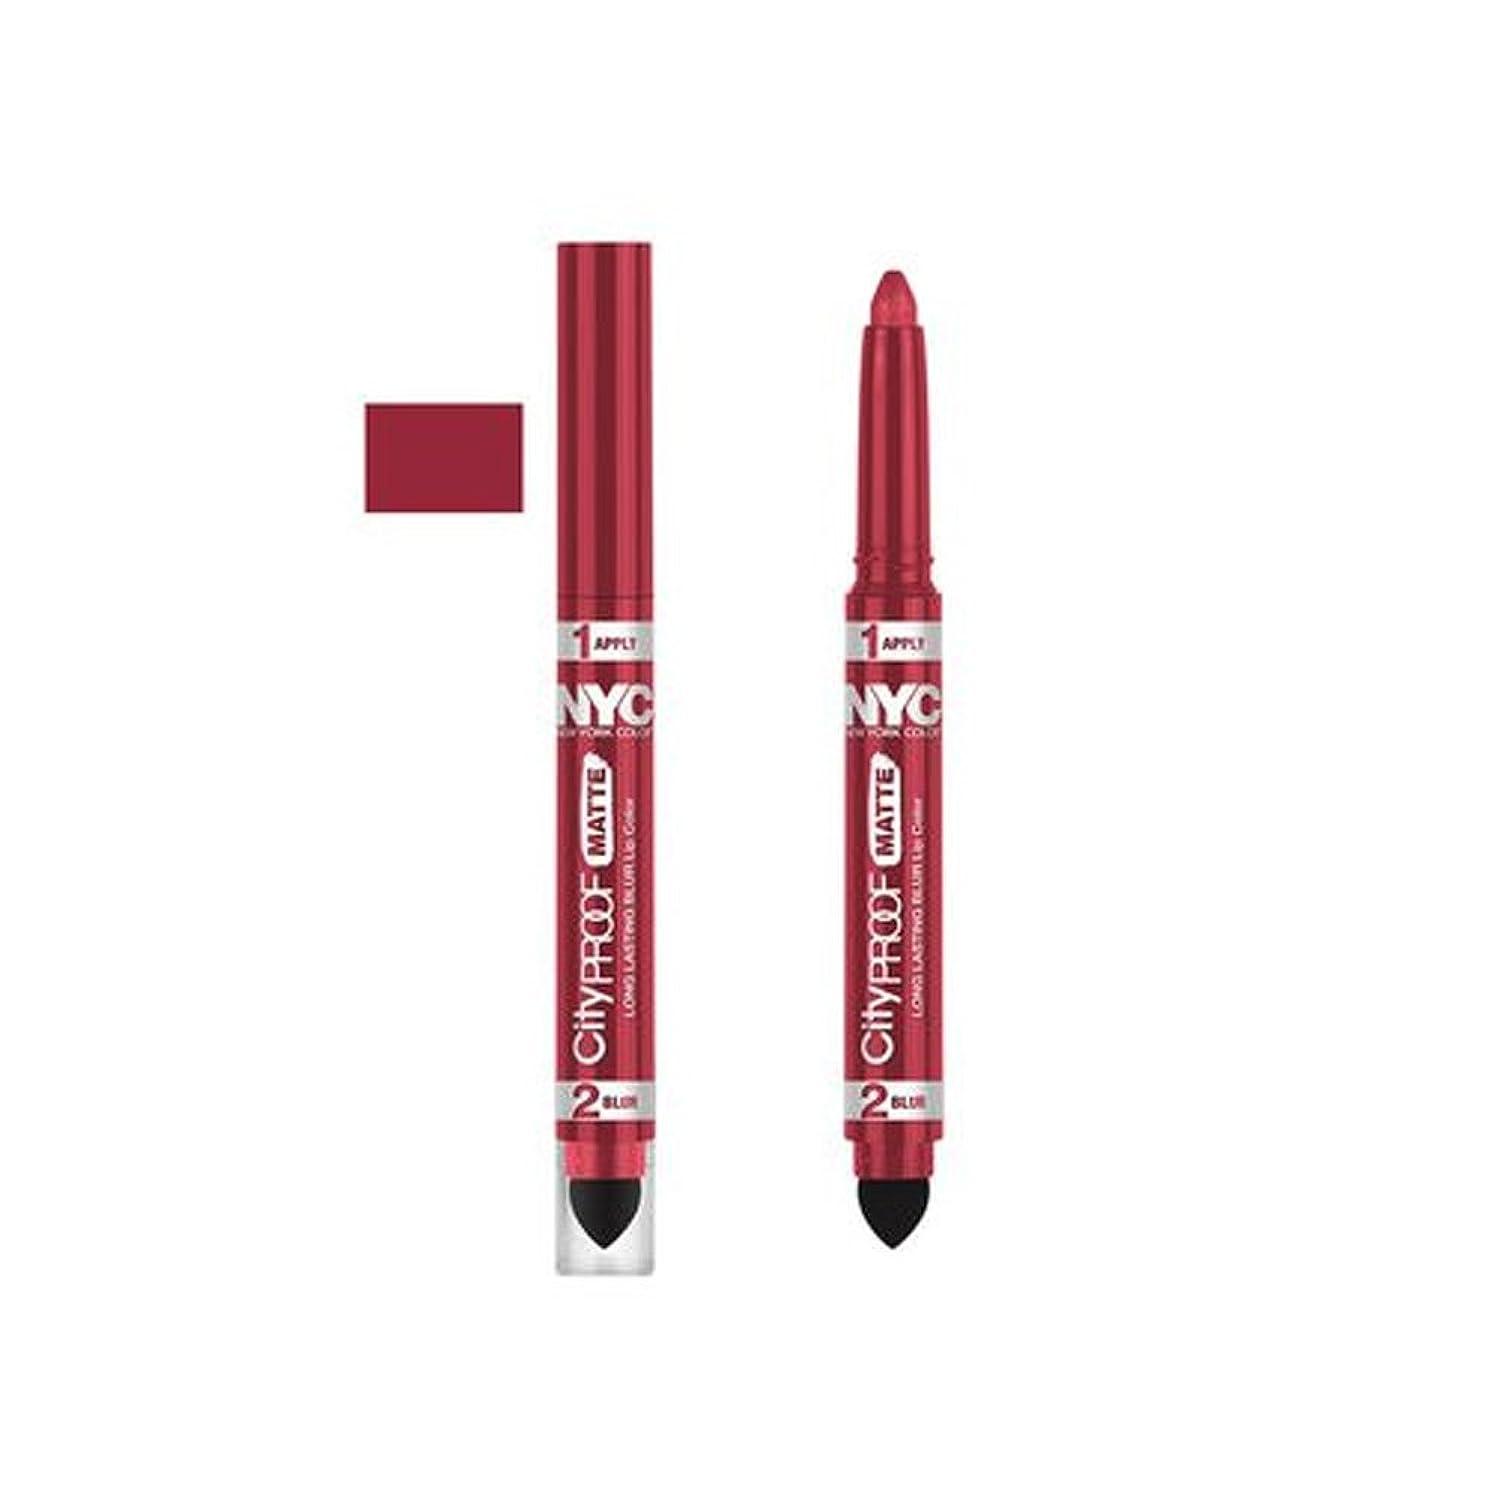 溶岩ガイダンスしない(3 Pack) NYC City Proof Matte Blur Lip Color - Red High Line (並行輸入品)